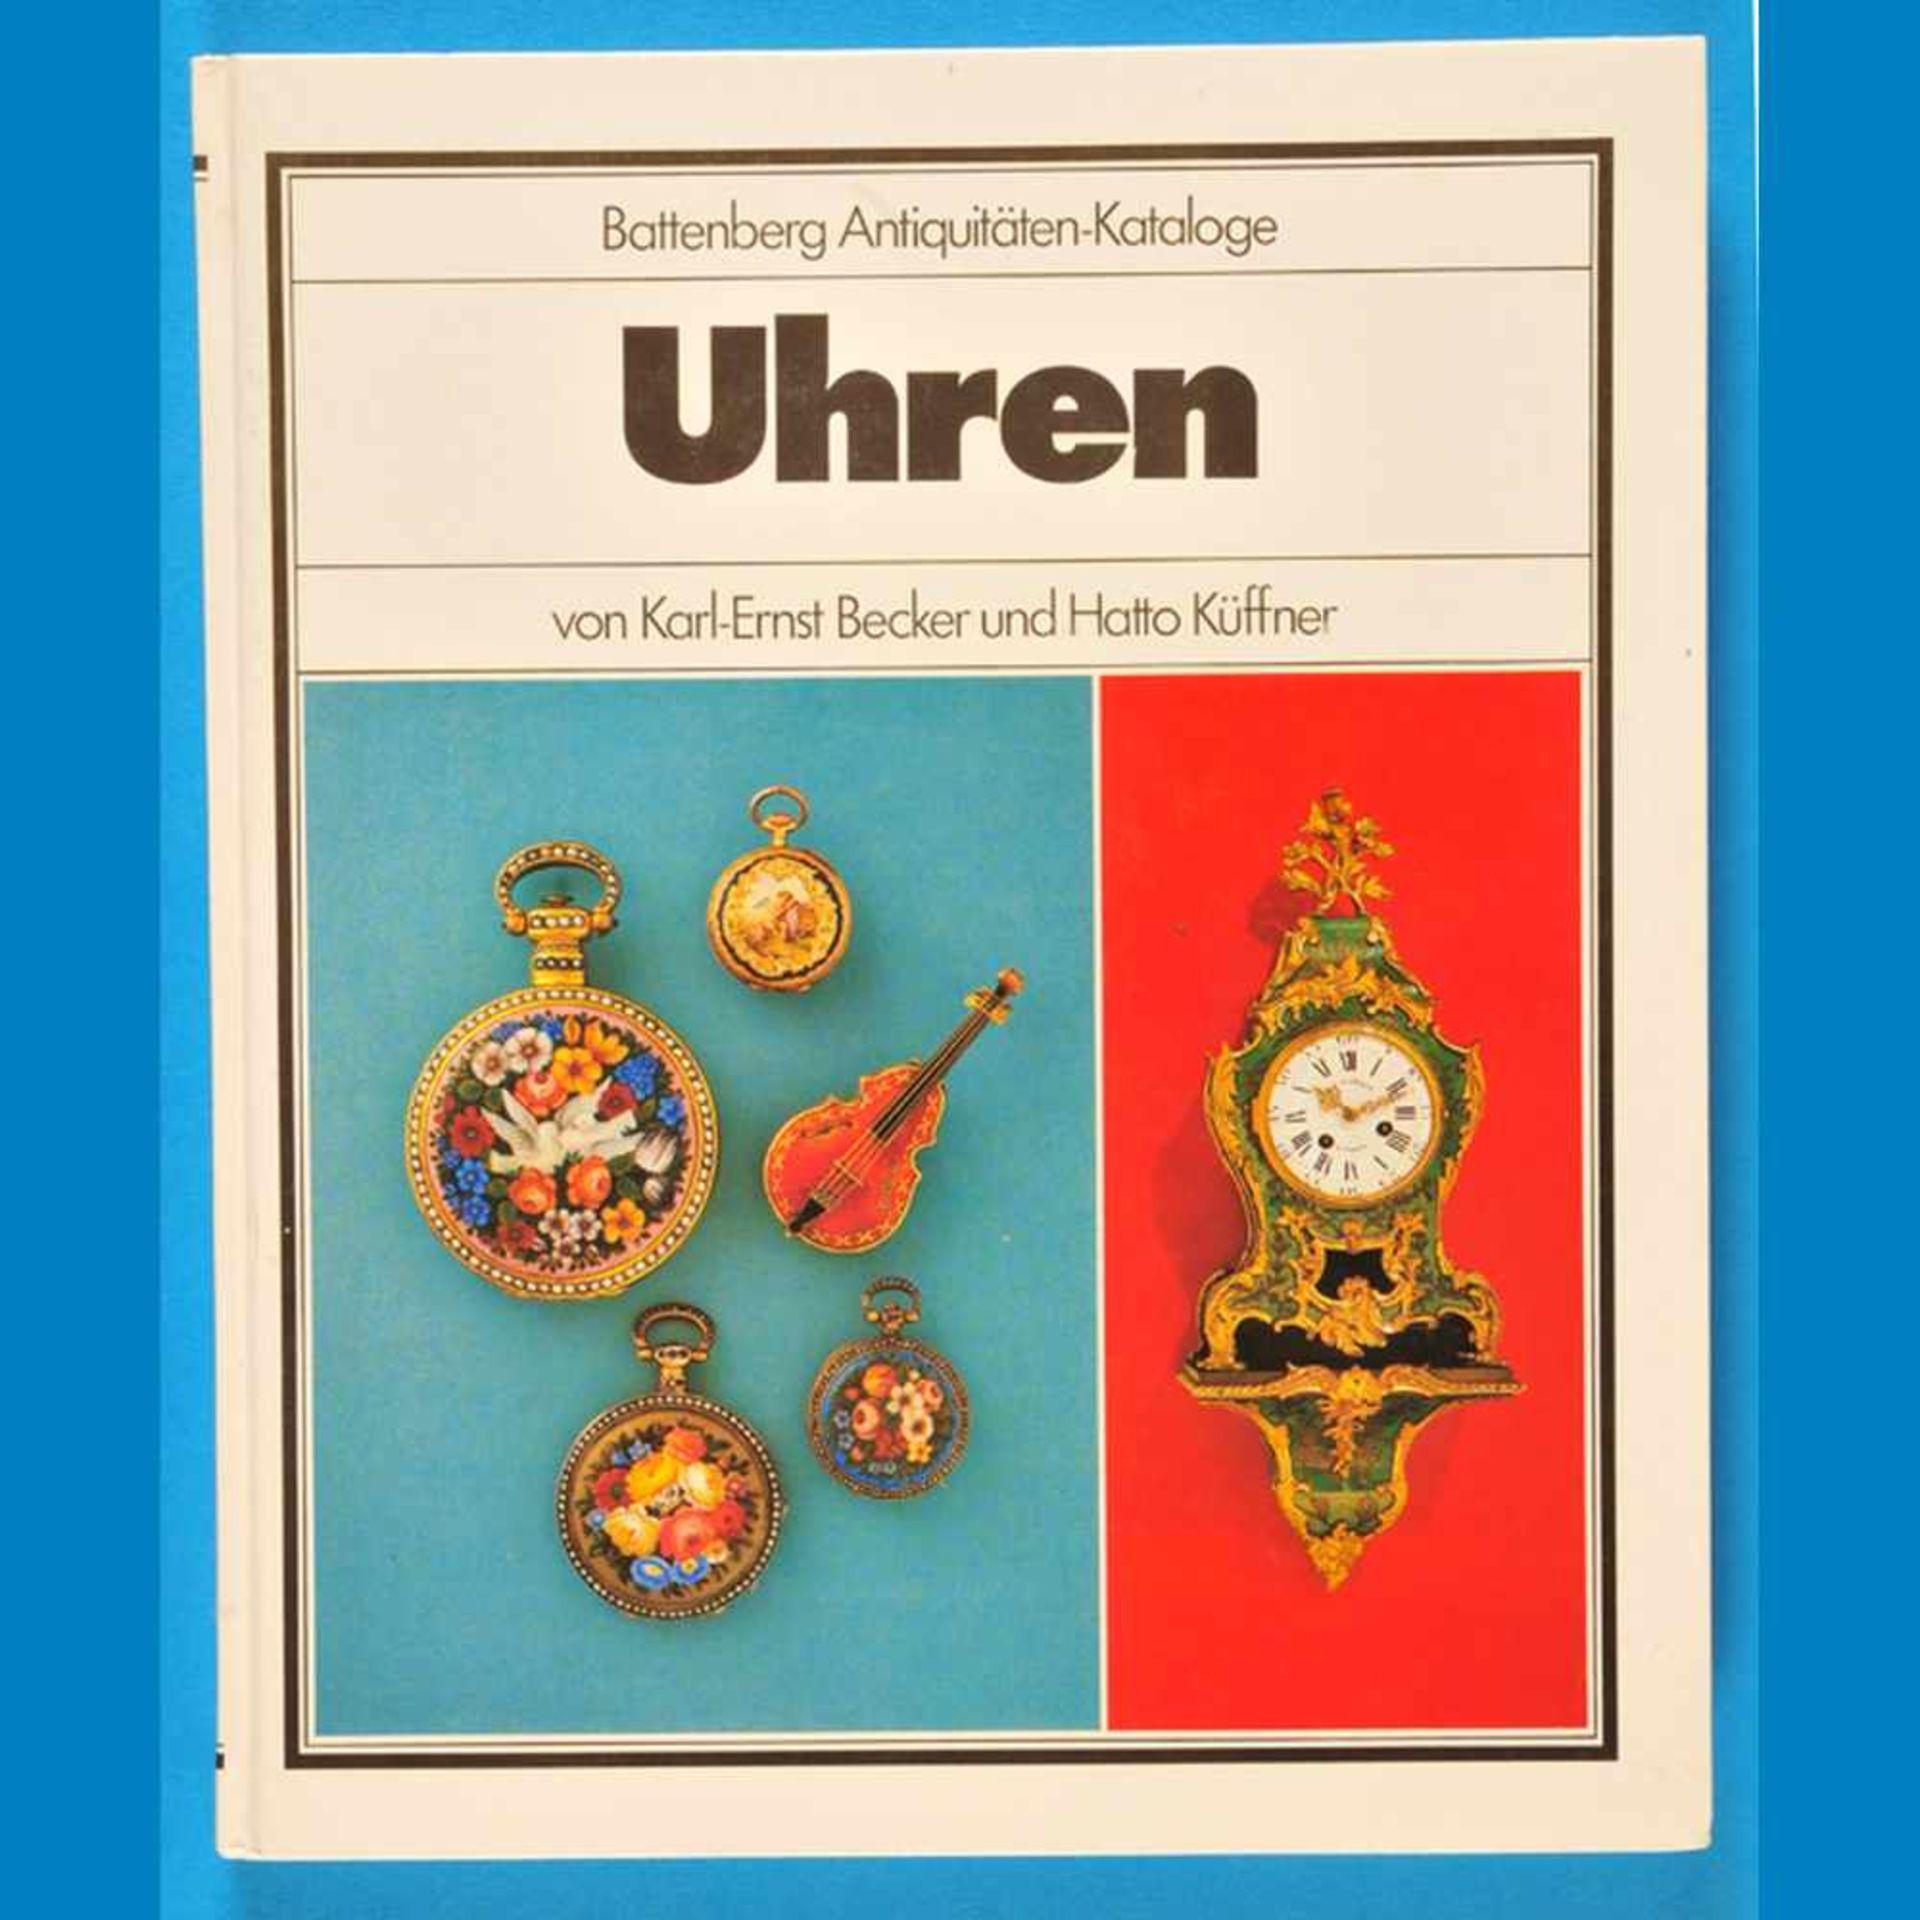 Karl-Ernst Becker/Hatto Küffner, Uhren – Battenberg Antiquitäten-Kataloge, 4., überarbeitete Auflage